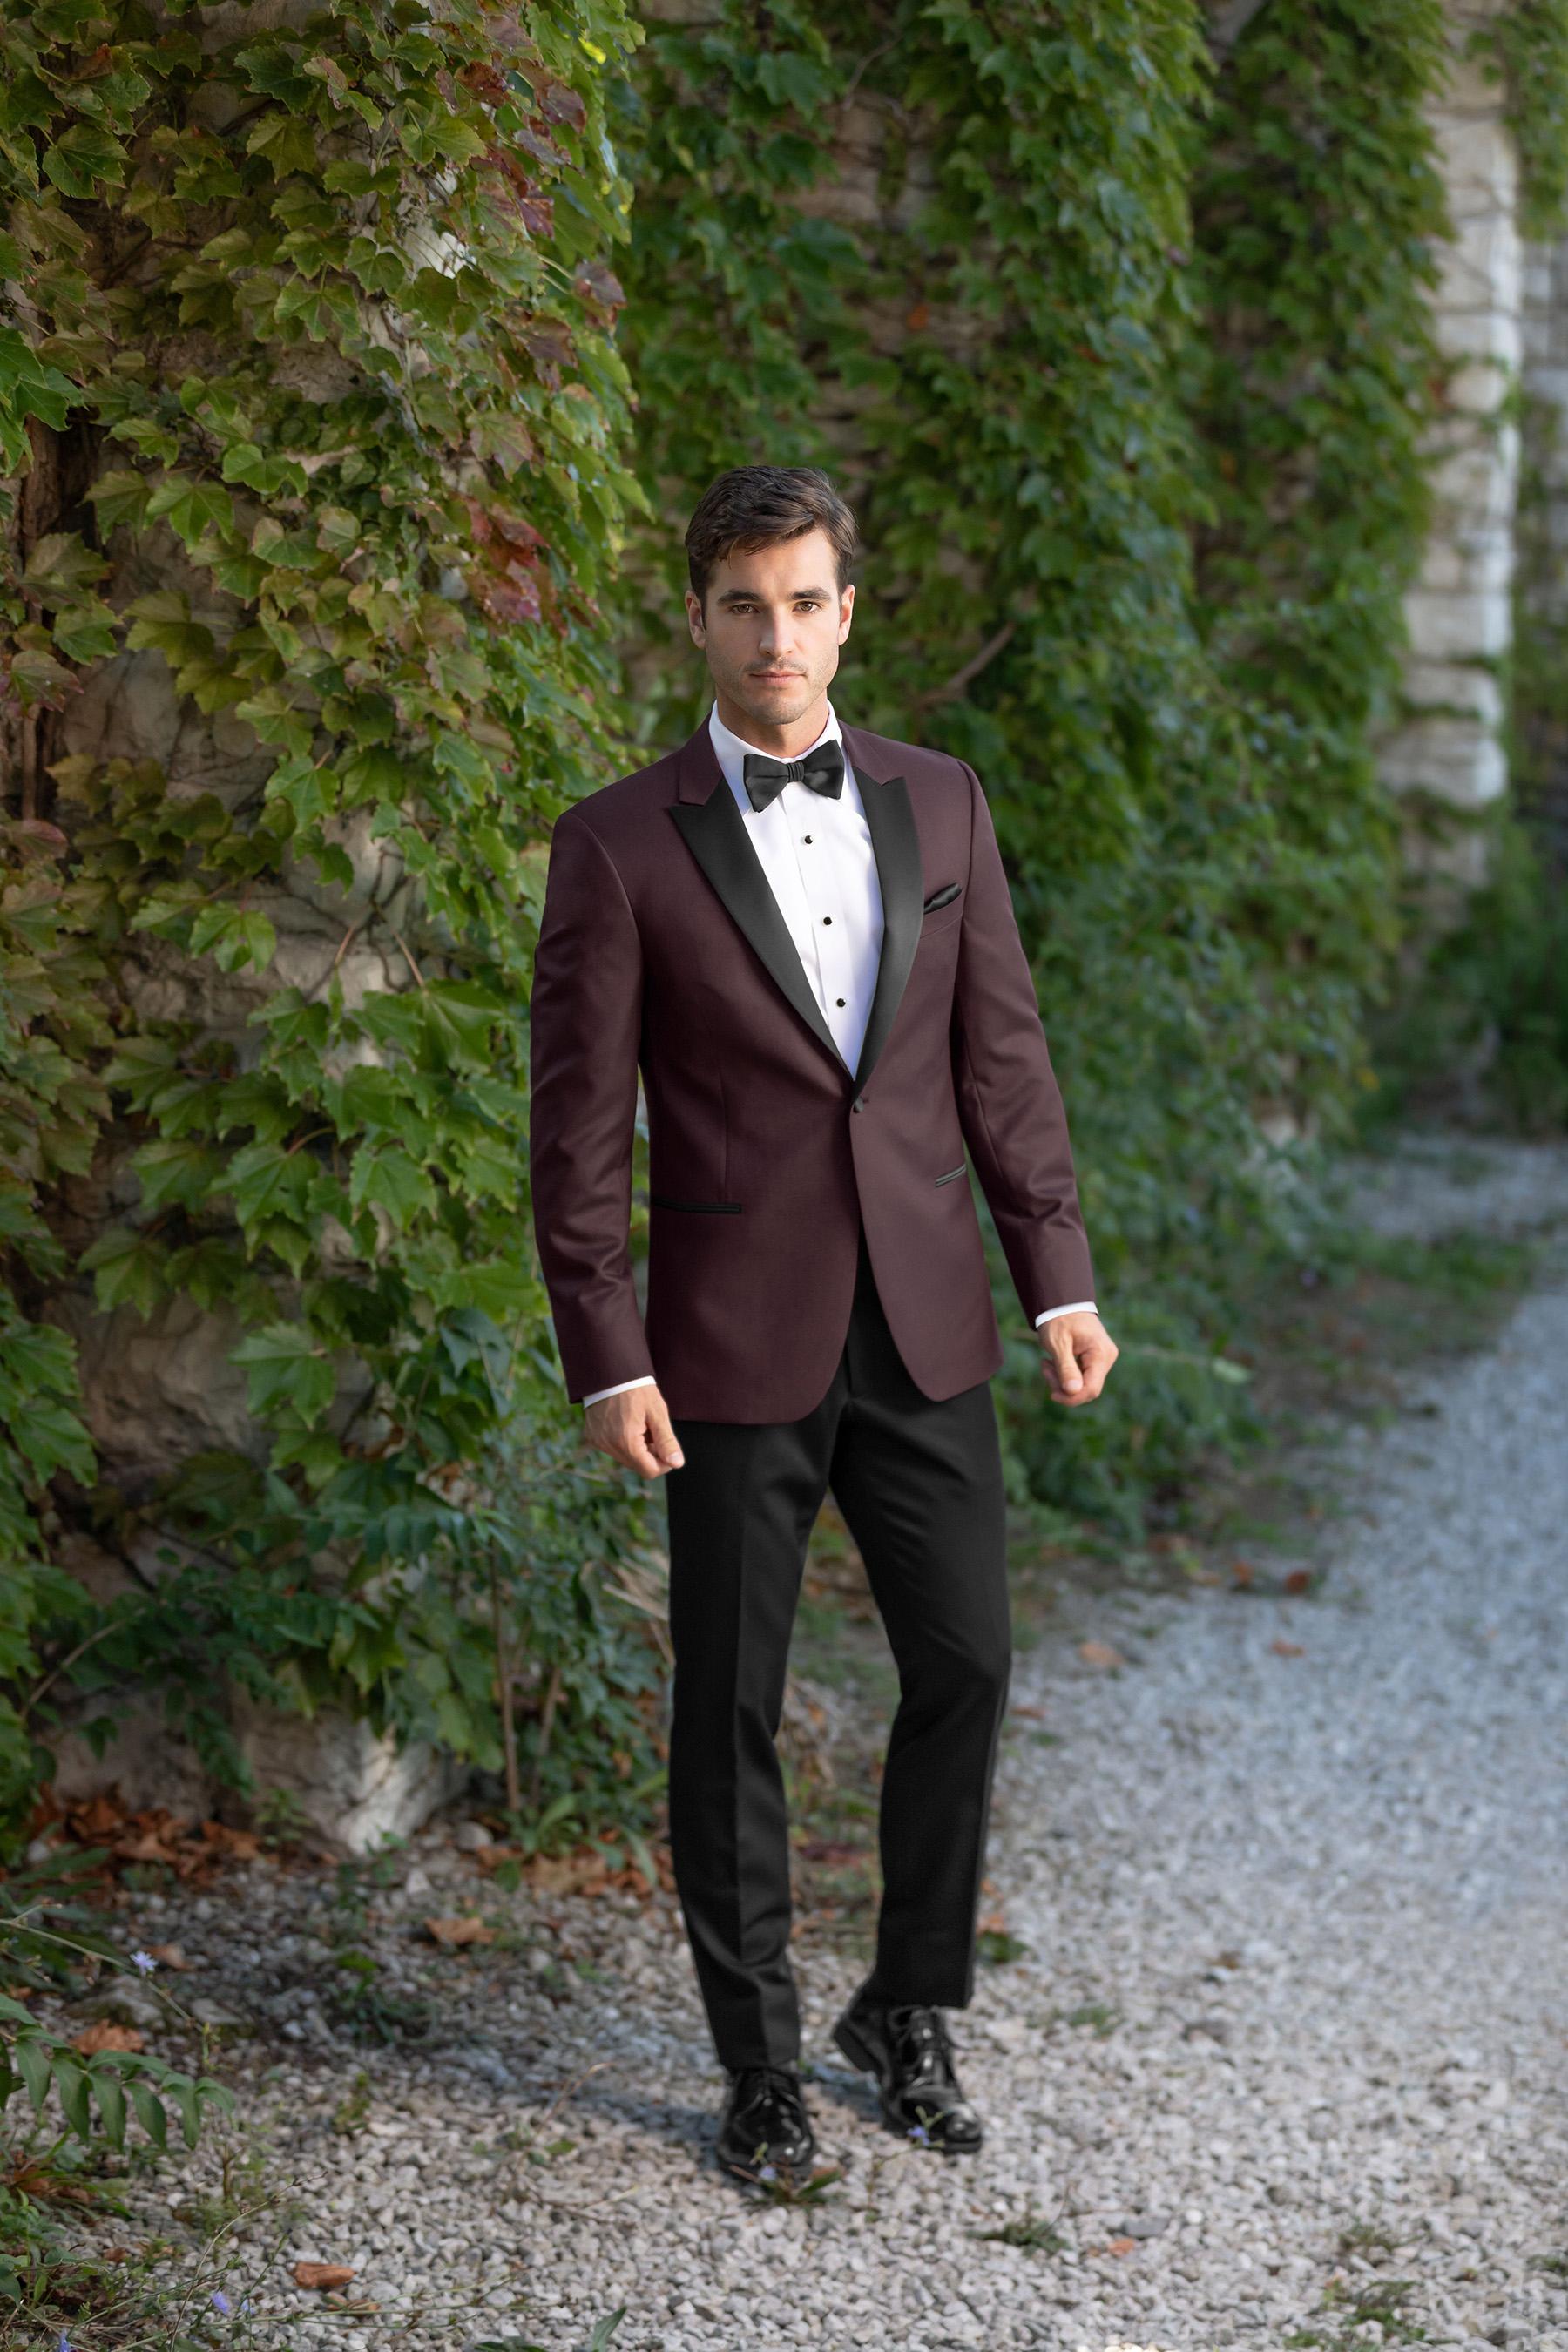 201_burgundy_empire_tuxedo-19-2.jpg